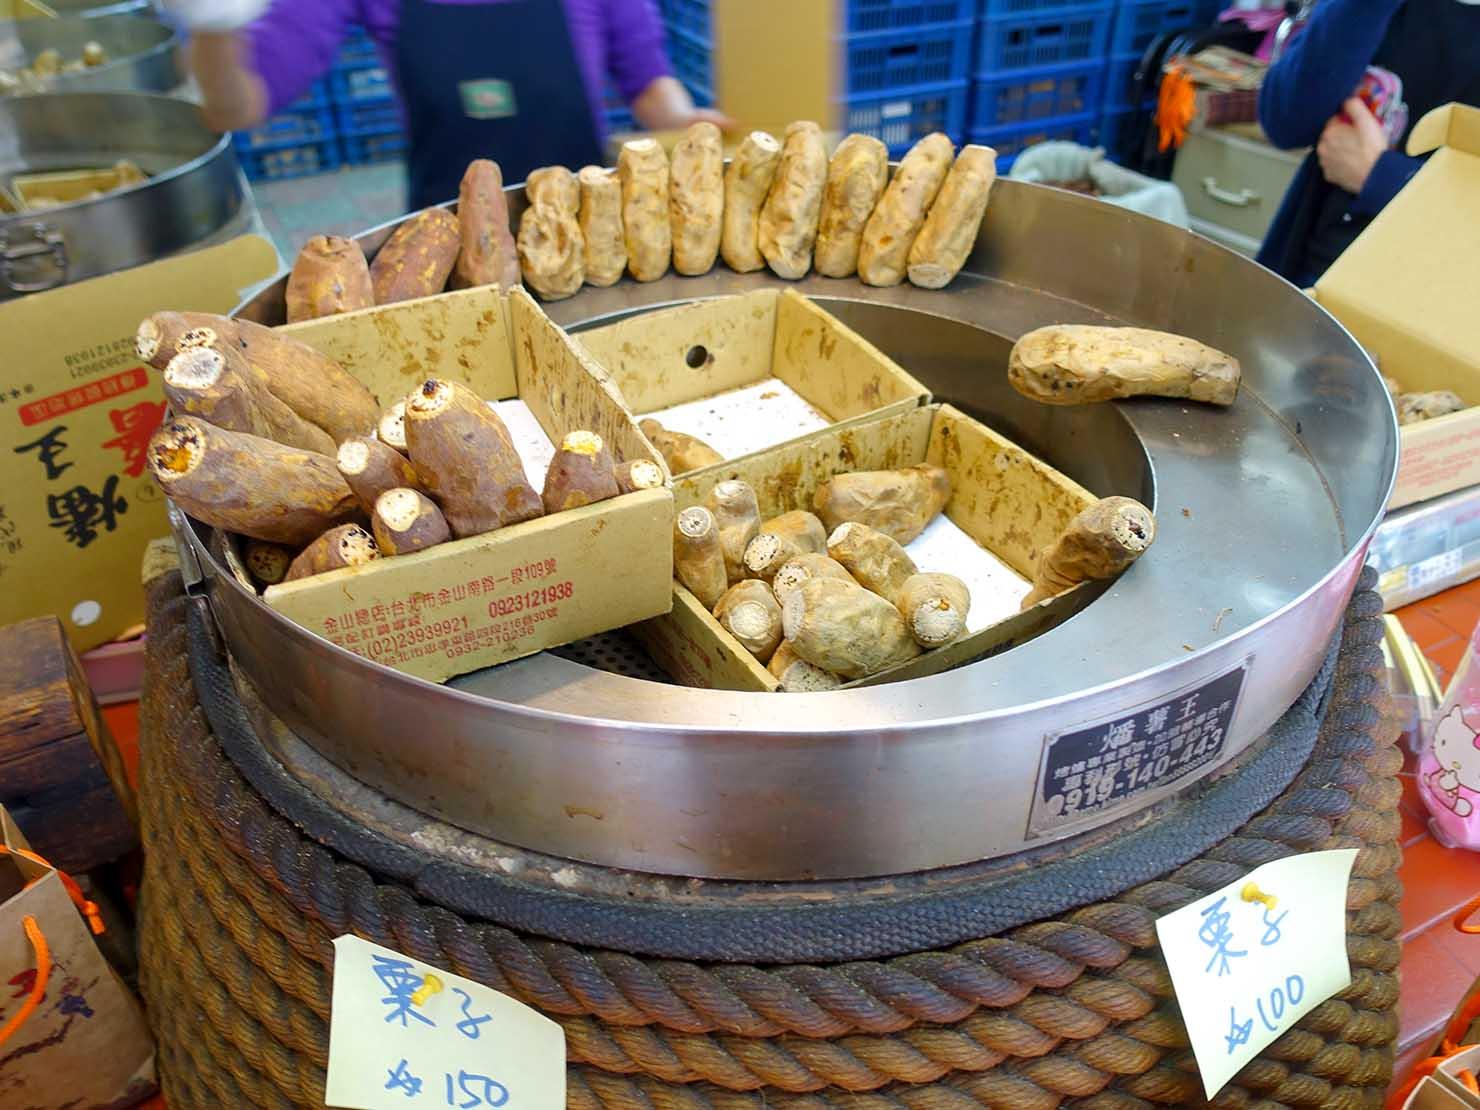 台北・東門エリアのおすすめグルメ店「燔薯王」の軒先で焼かれるいも